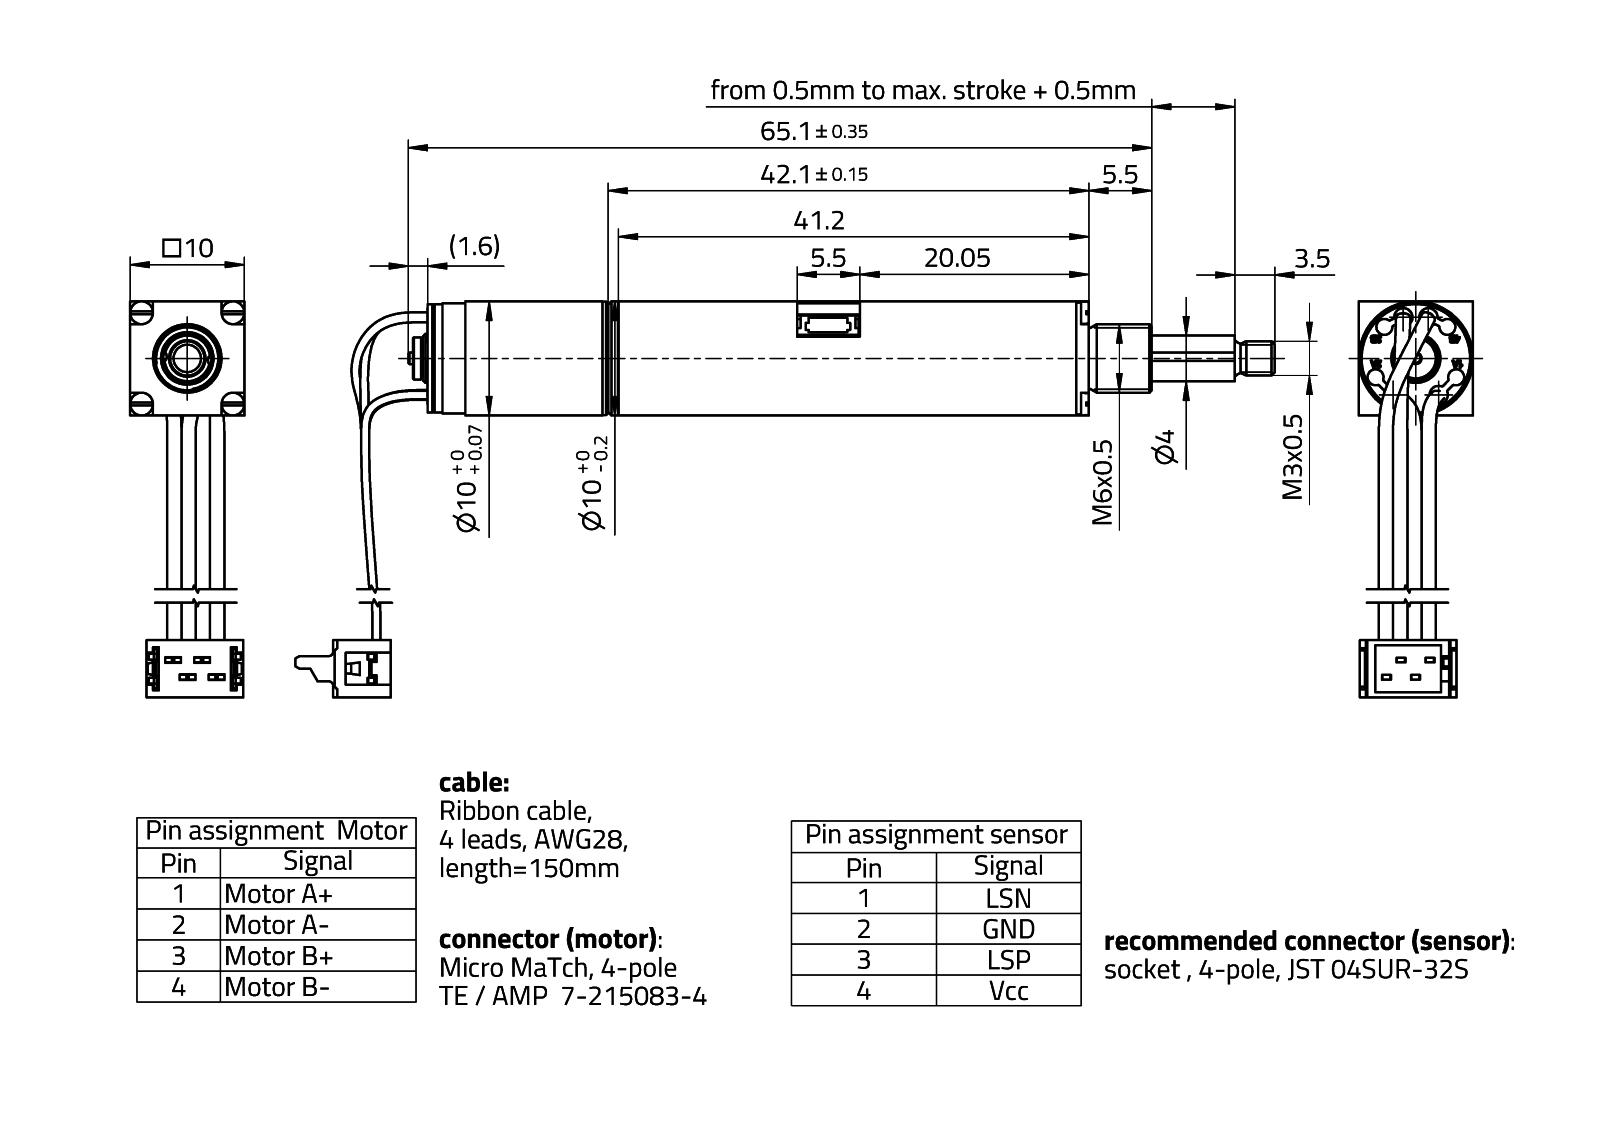 RasuunDrive® HighRes 10mm - Type 1